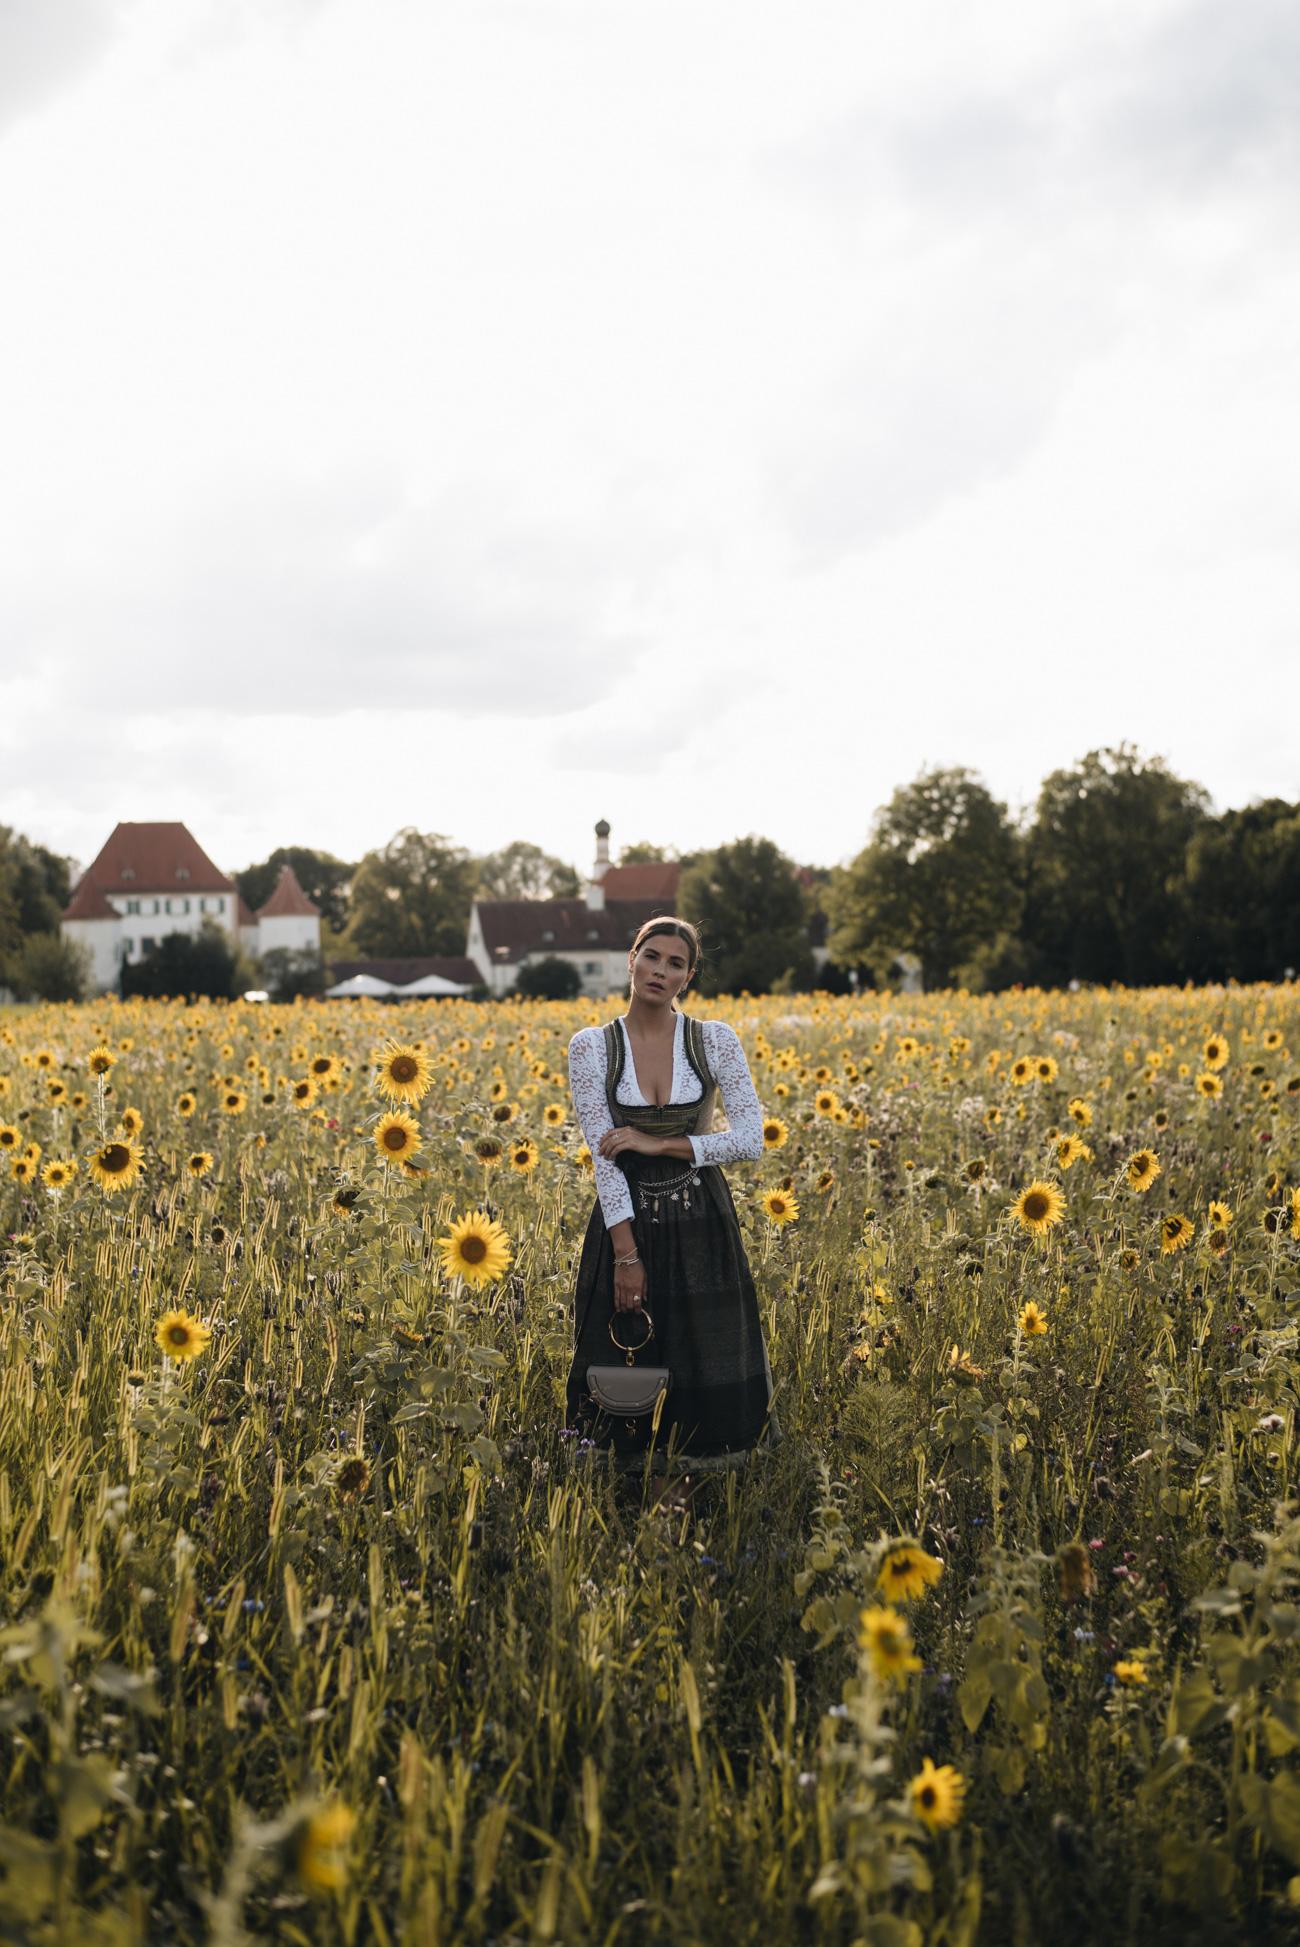 Sonnenblumen-feld-wiese-in-münchen-sommerzeit-nina-schwichtenberg-fashiioncarpet